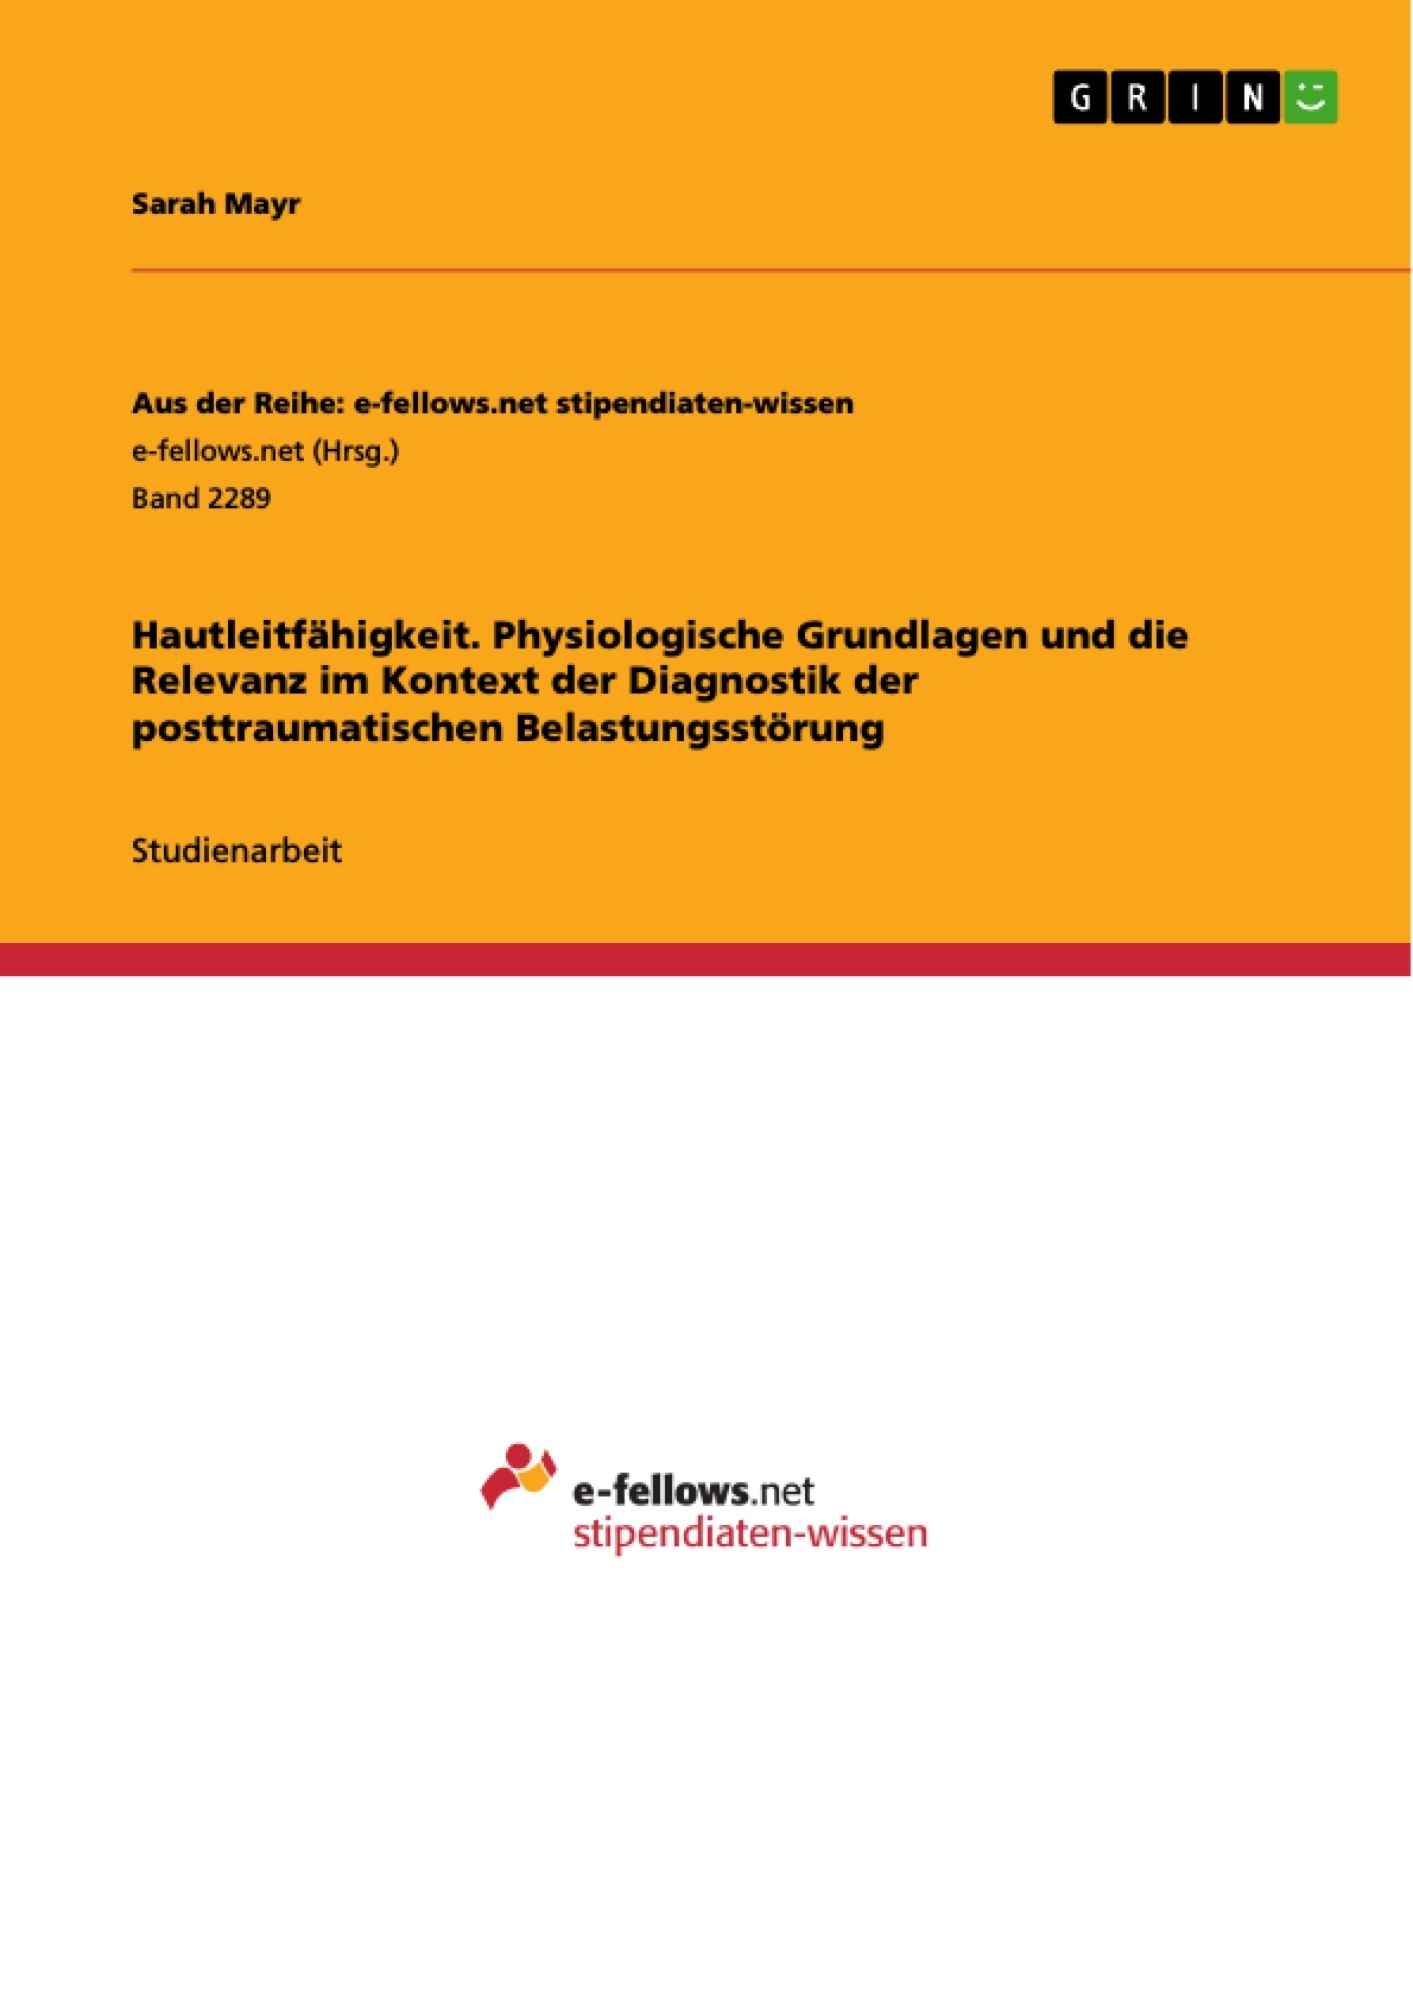 Titel: Hautleitfähigkeit. Physiologische Grundlagen und die Relevanz im Kontext der Diagnostik der posttraumatischen Belastungsstörung